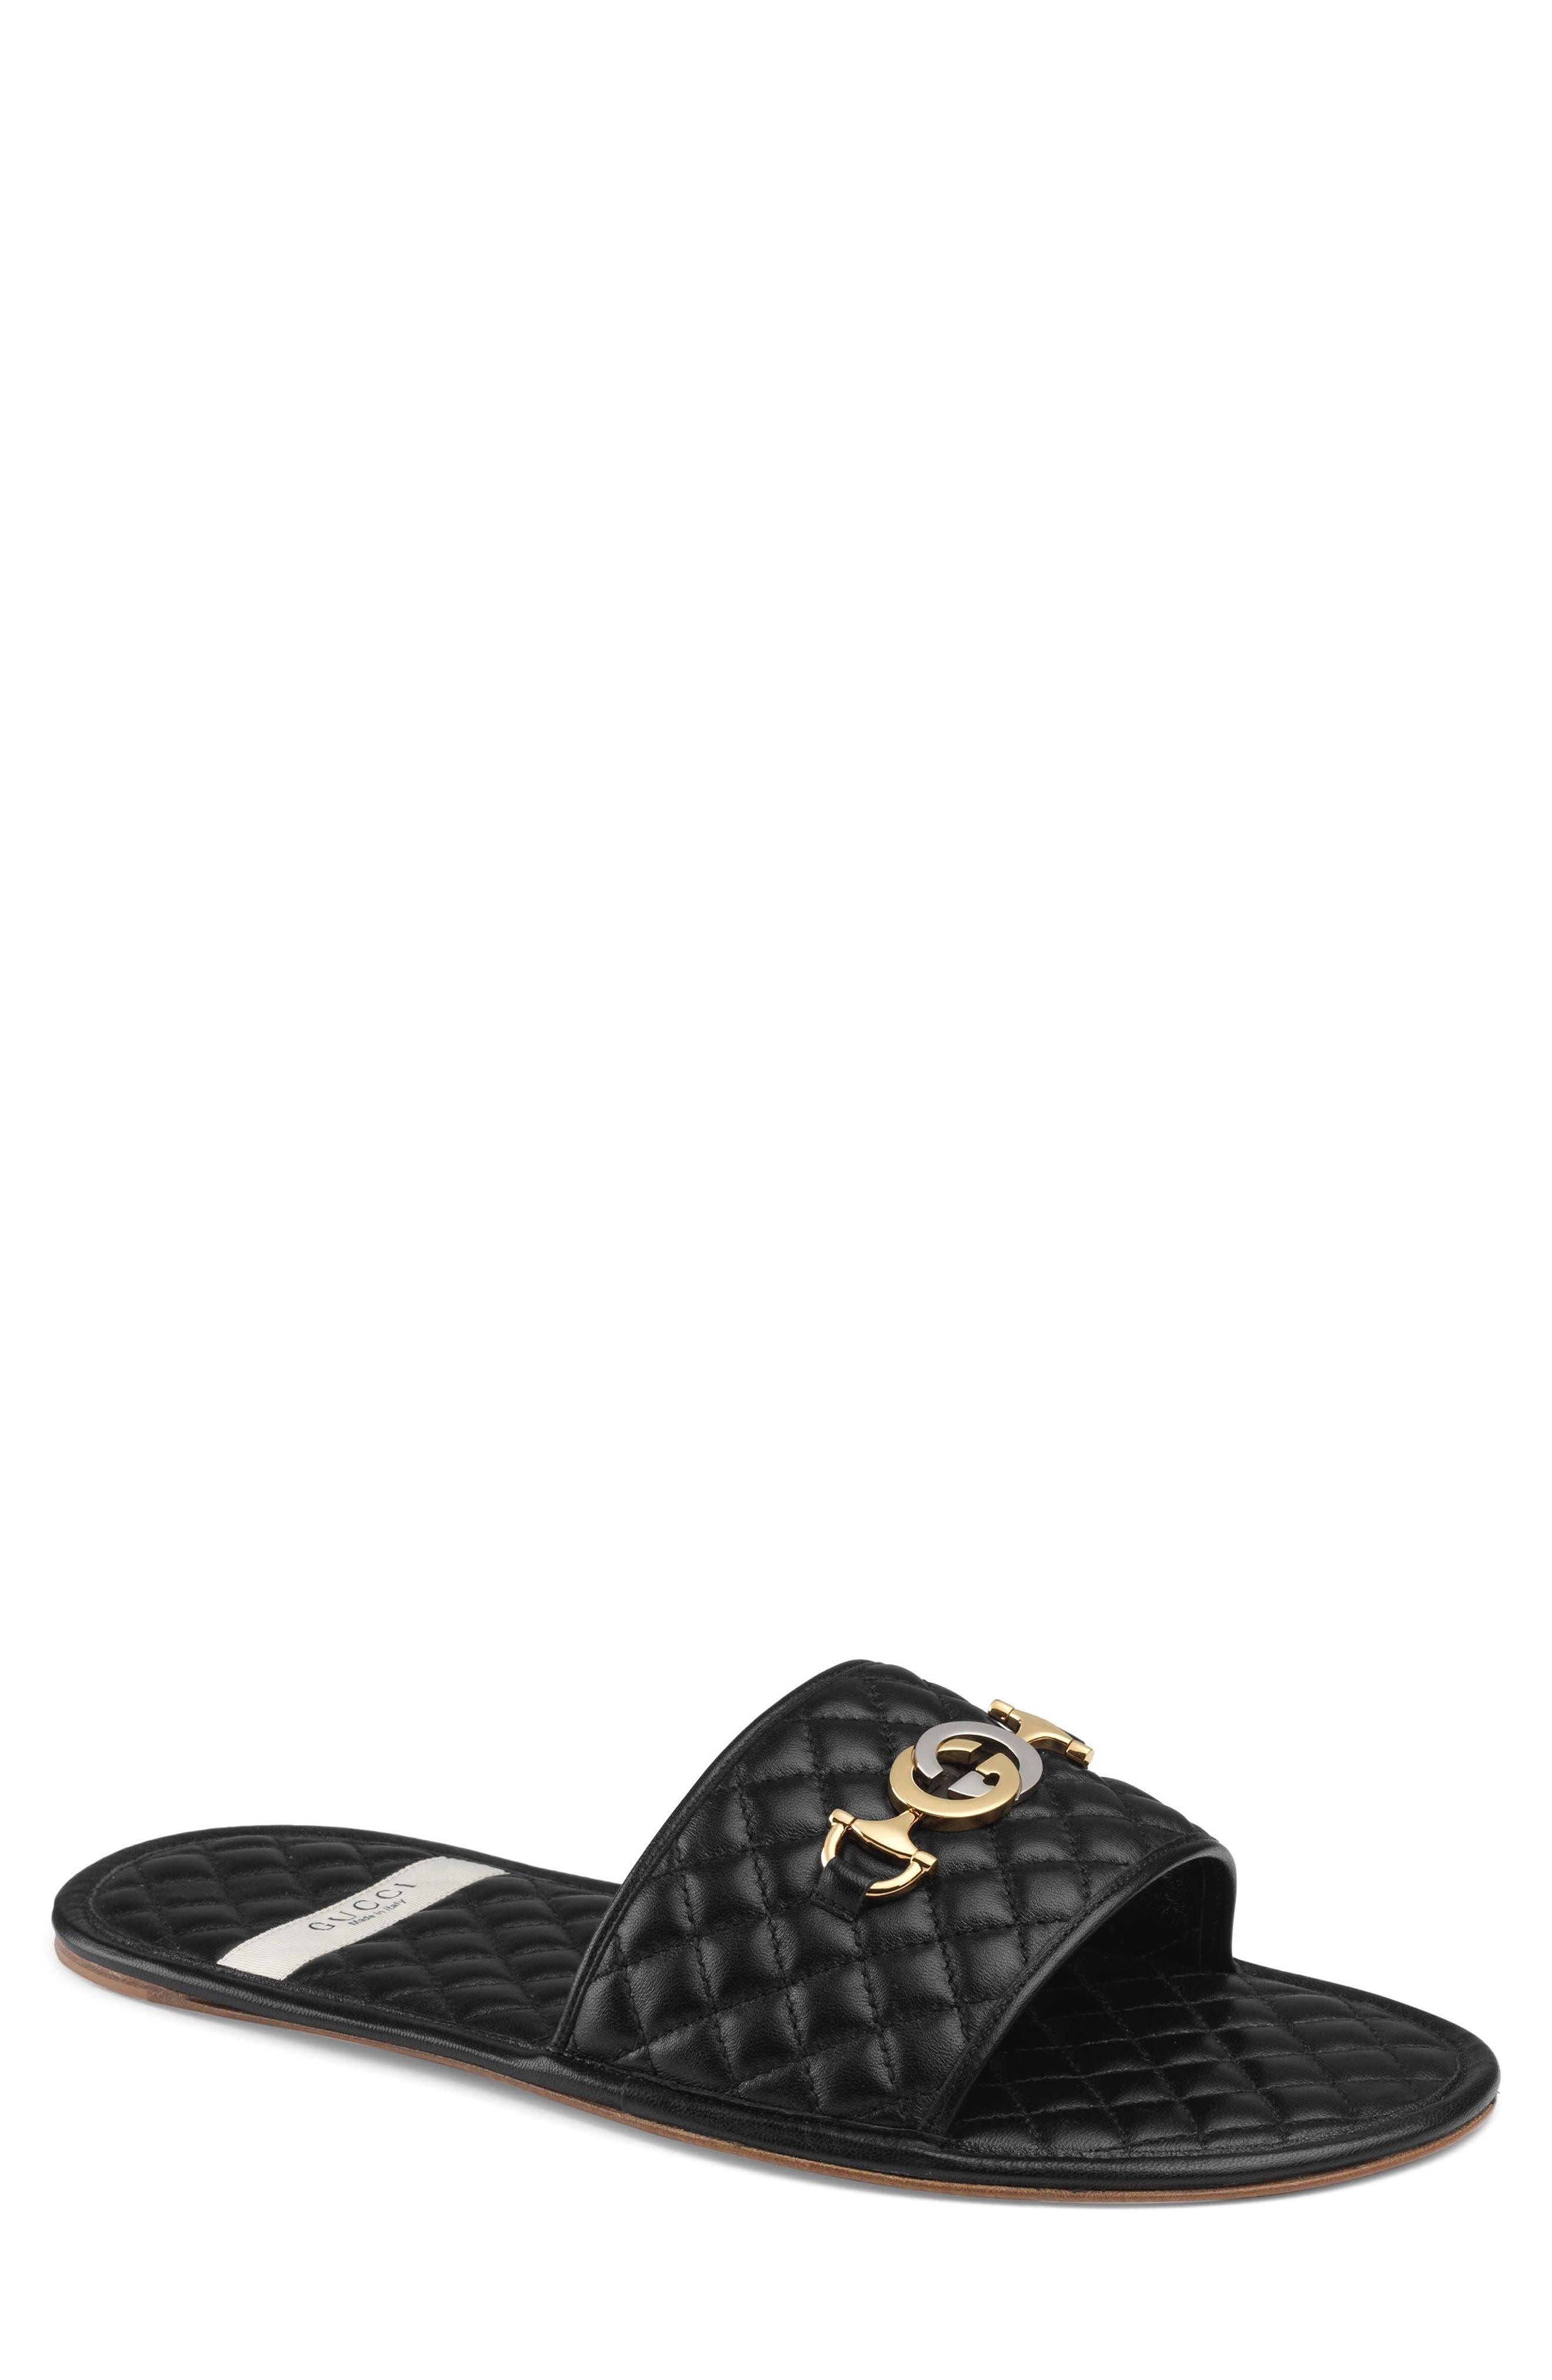 c17746b17a7b Men s Gucci Sandals